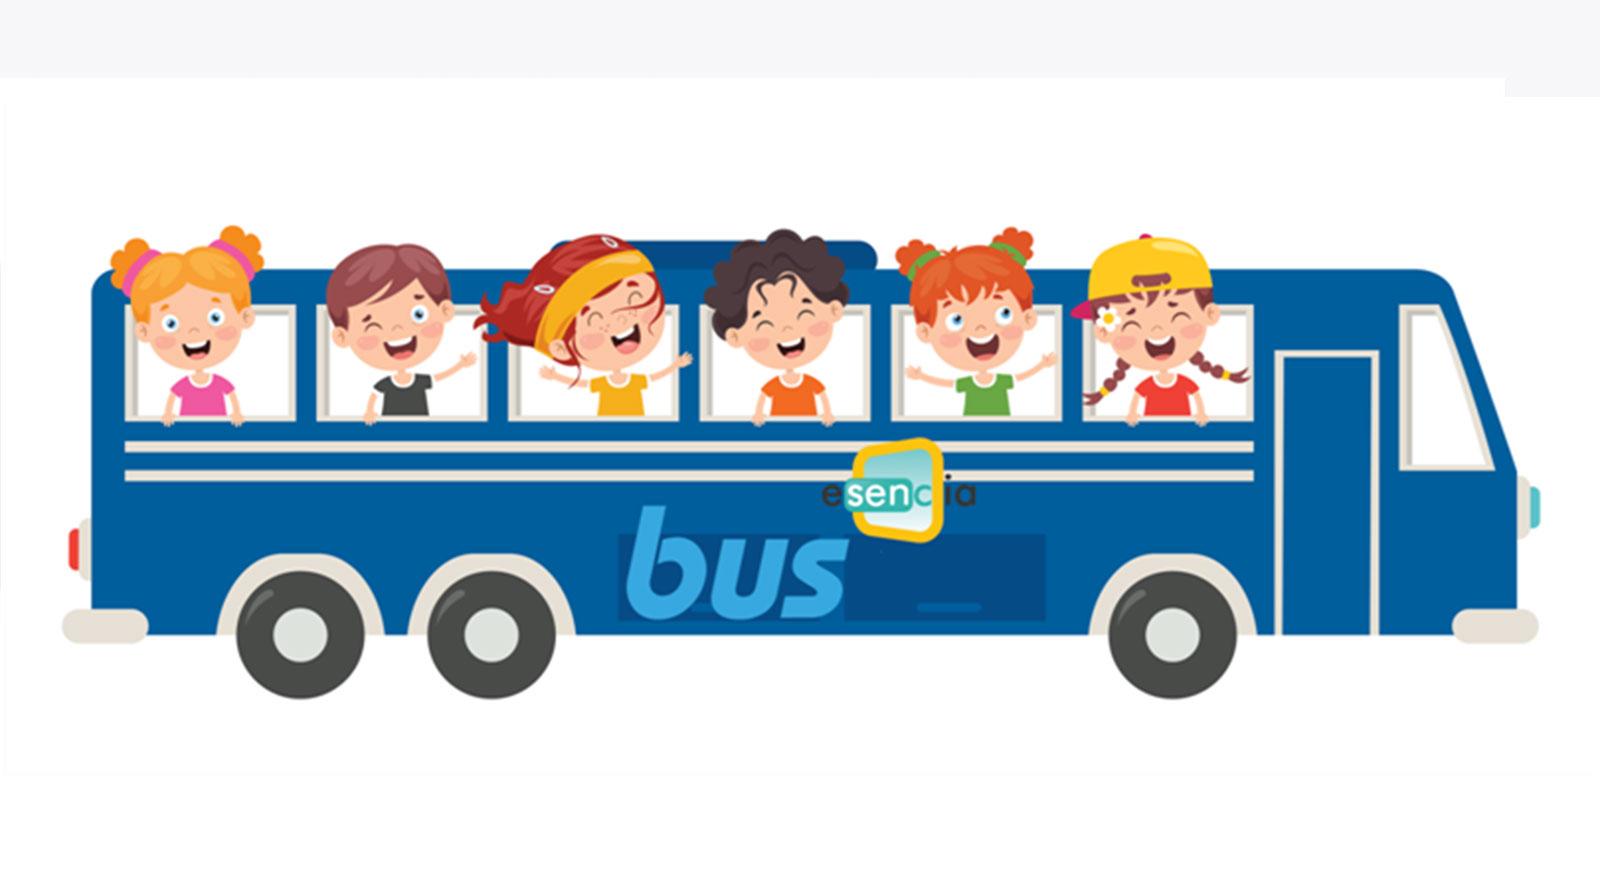 Icono App Bus